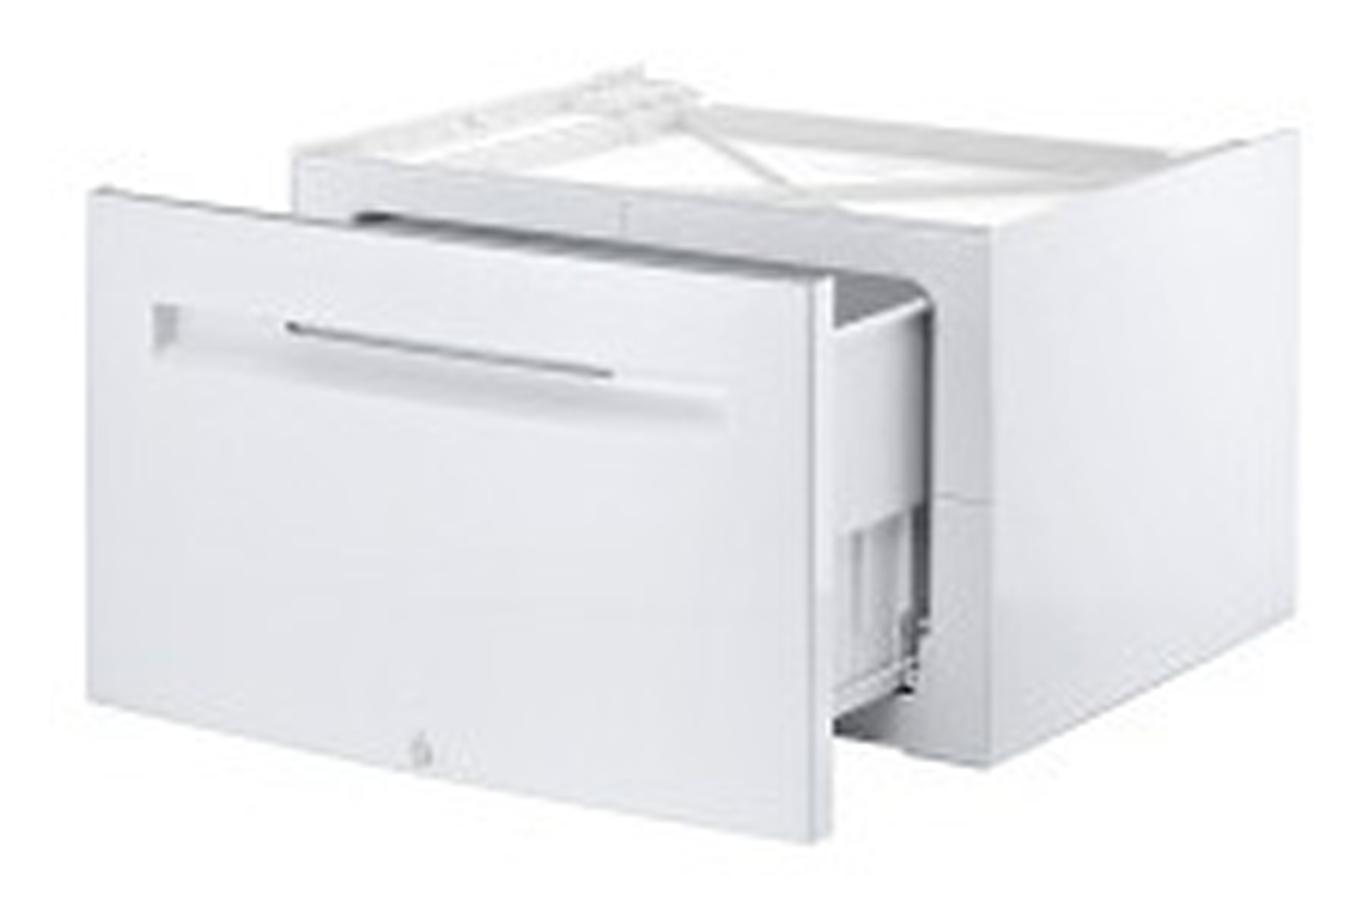 Tiroir de rangement siemens wz20490 3656080 darty for Rangement pour tiroir de cuisine